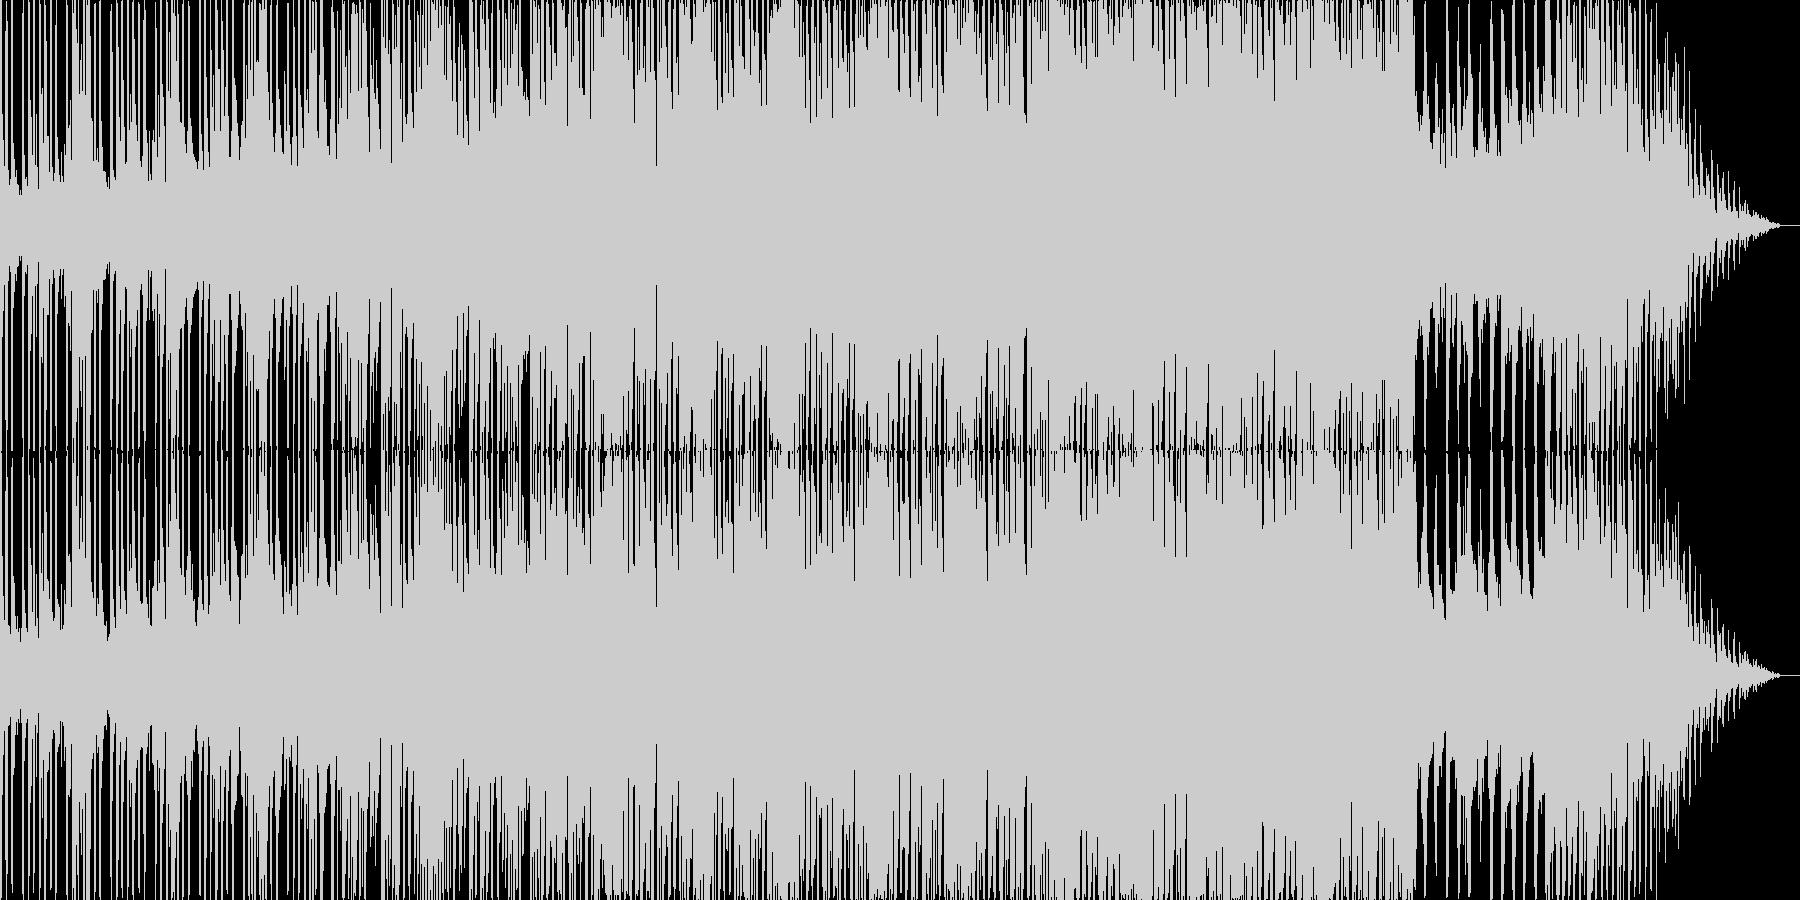 勇敢なイメージのサウンドトラックの未再生の波形